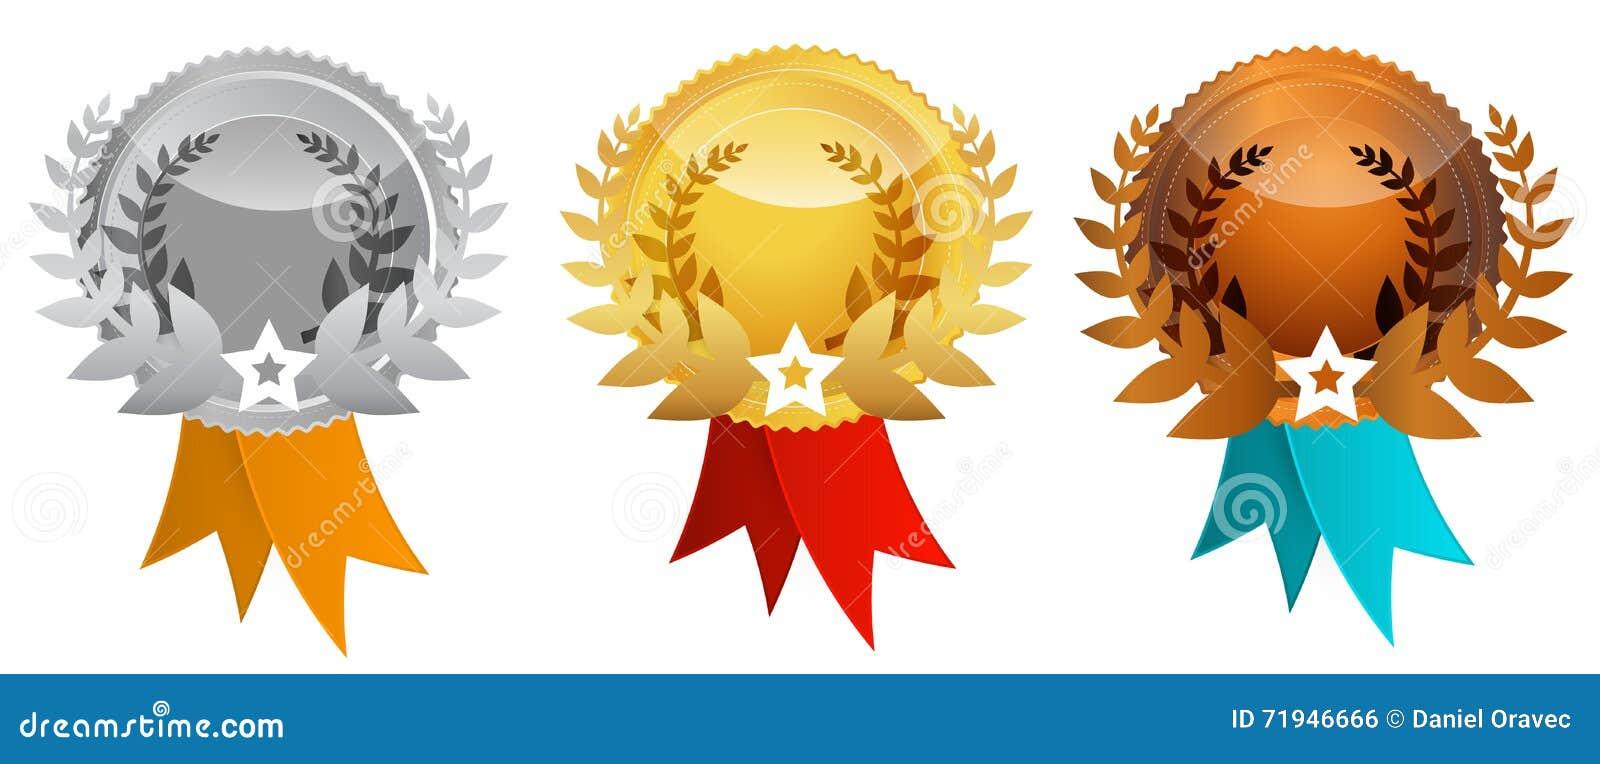 Установленные медали - вектор награждает значки